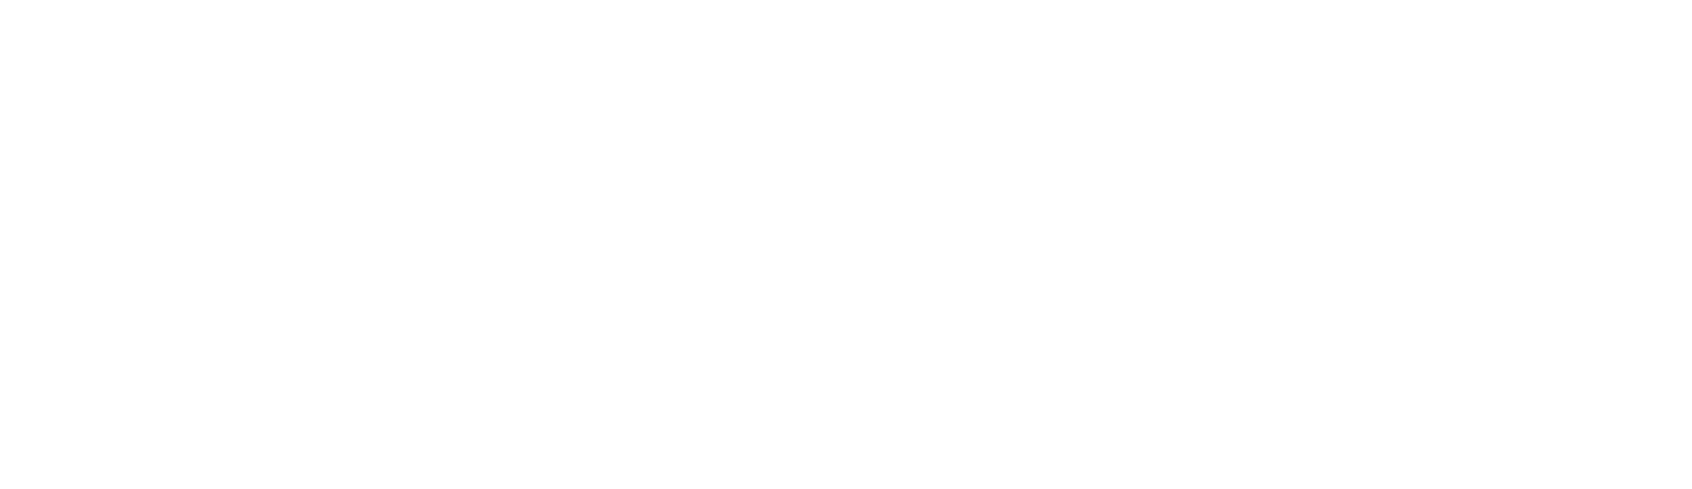 Abacus V6_white-01-1